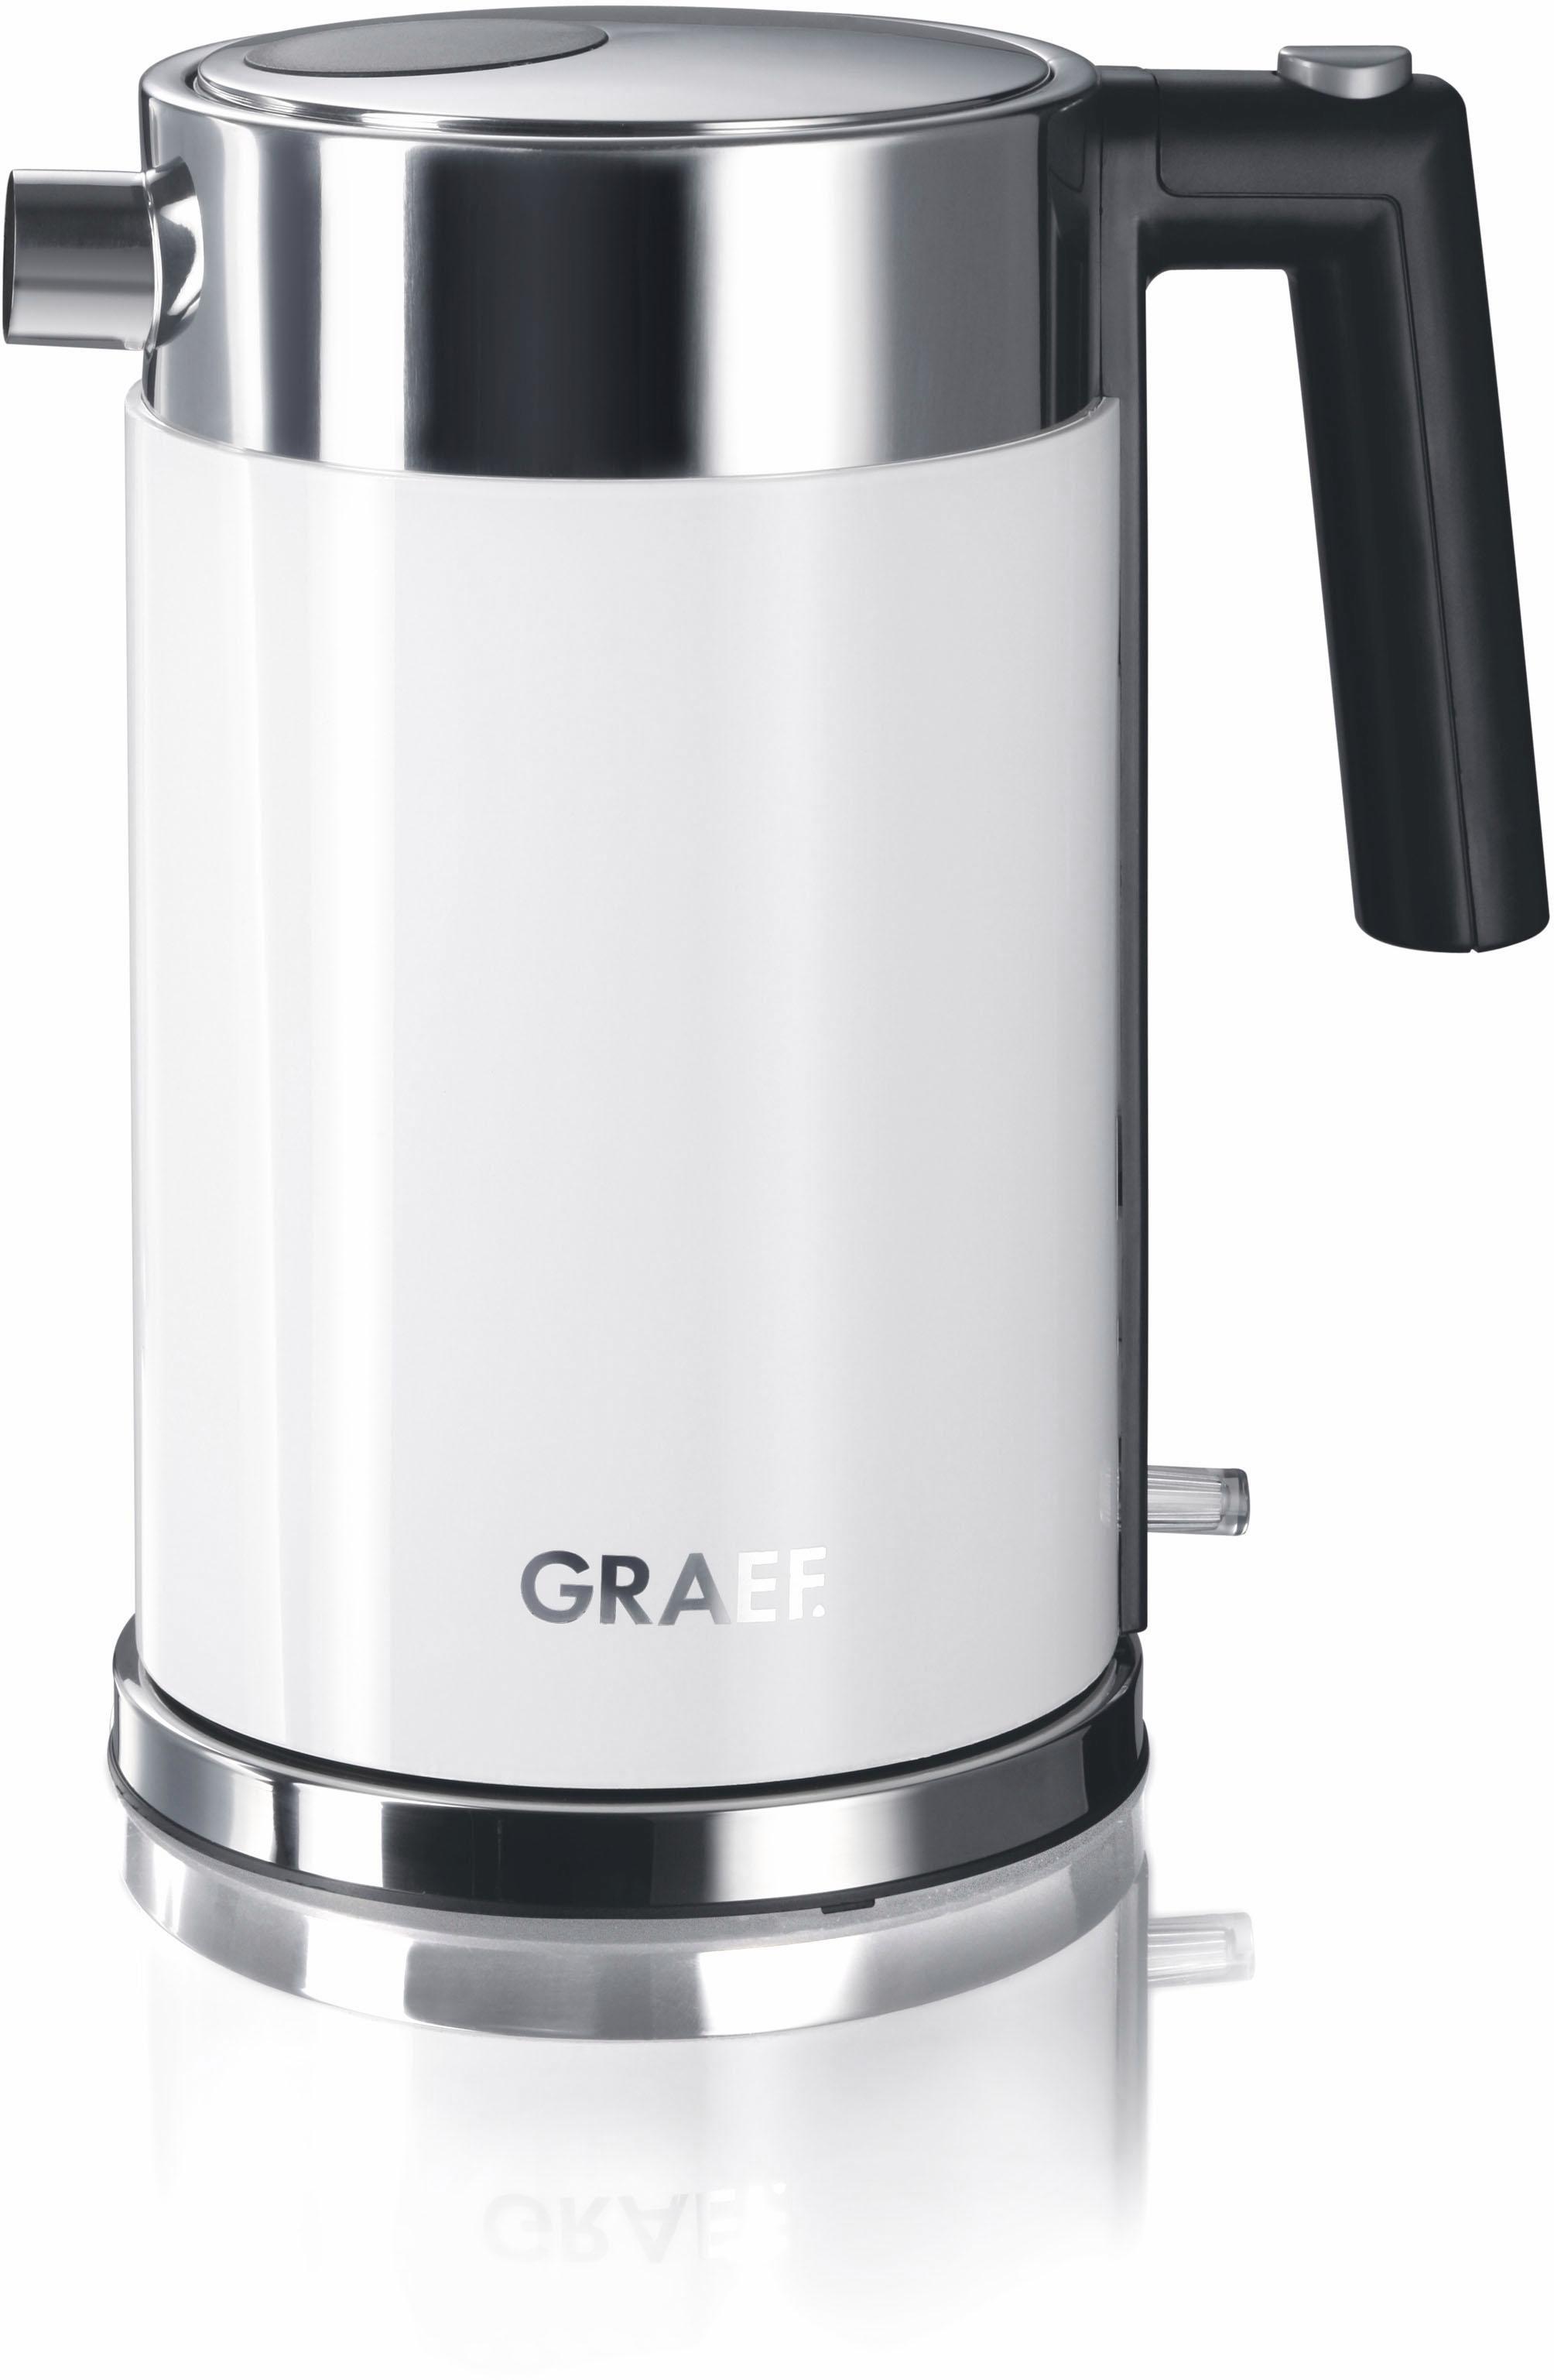 Graef Wasserkocher, WK 61, 1,5 Liter, 2015 Watt, weiß